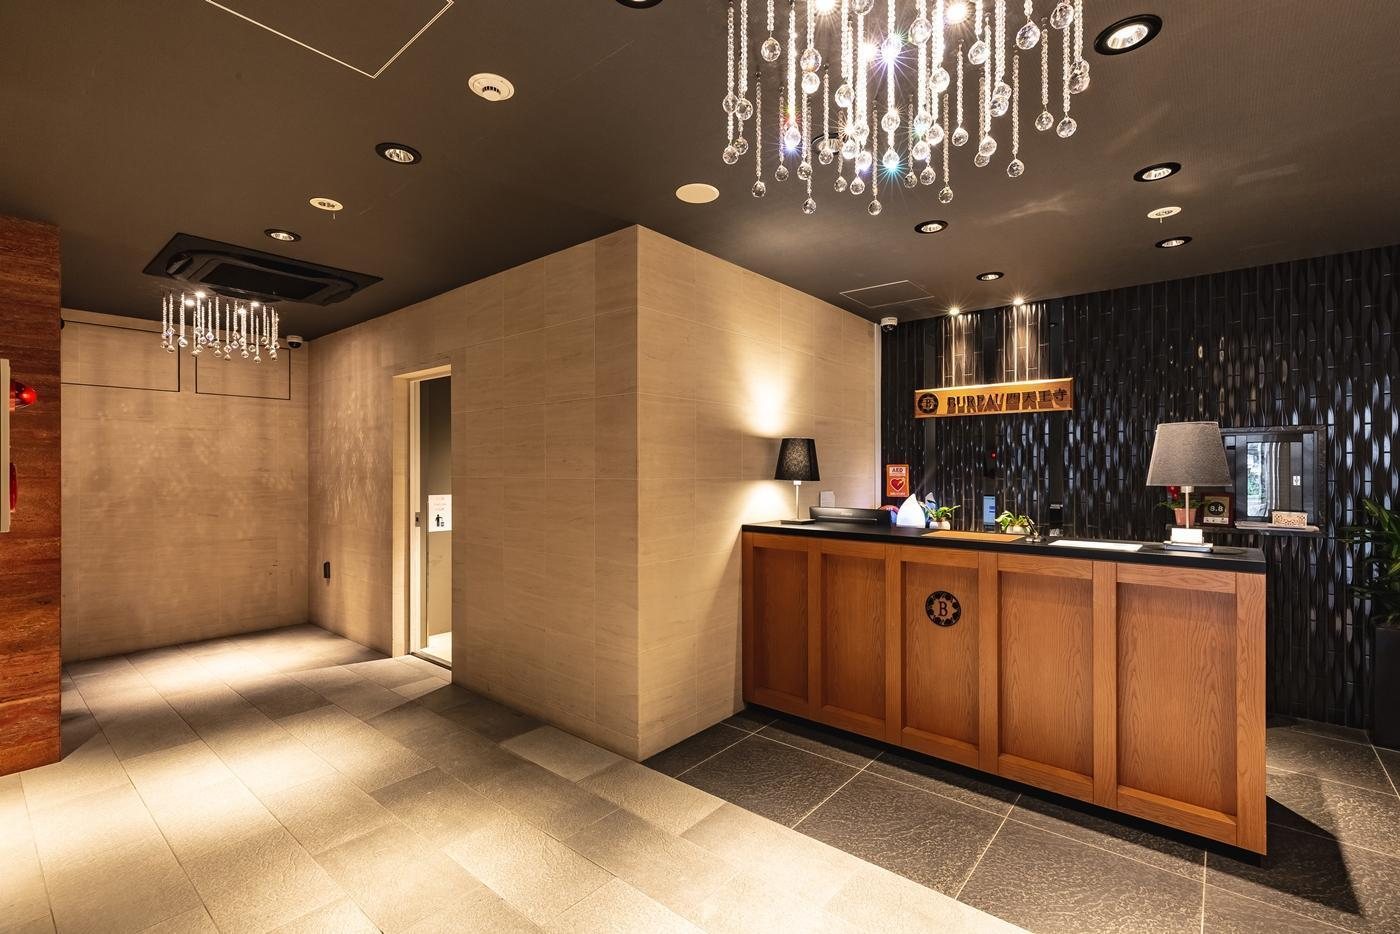 大阪四天王寺Bureau飯店 (Hotel Bureau Shitennoji)線上訂房 Agoda.com